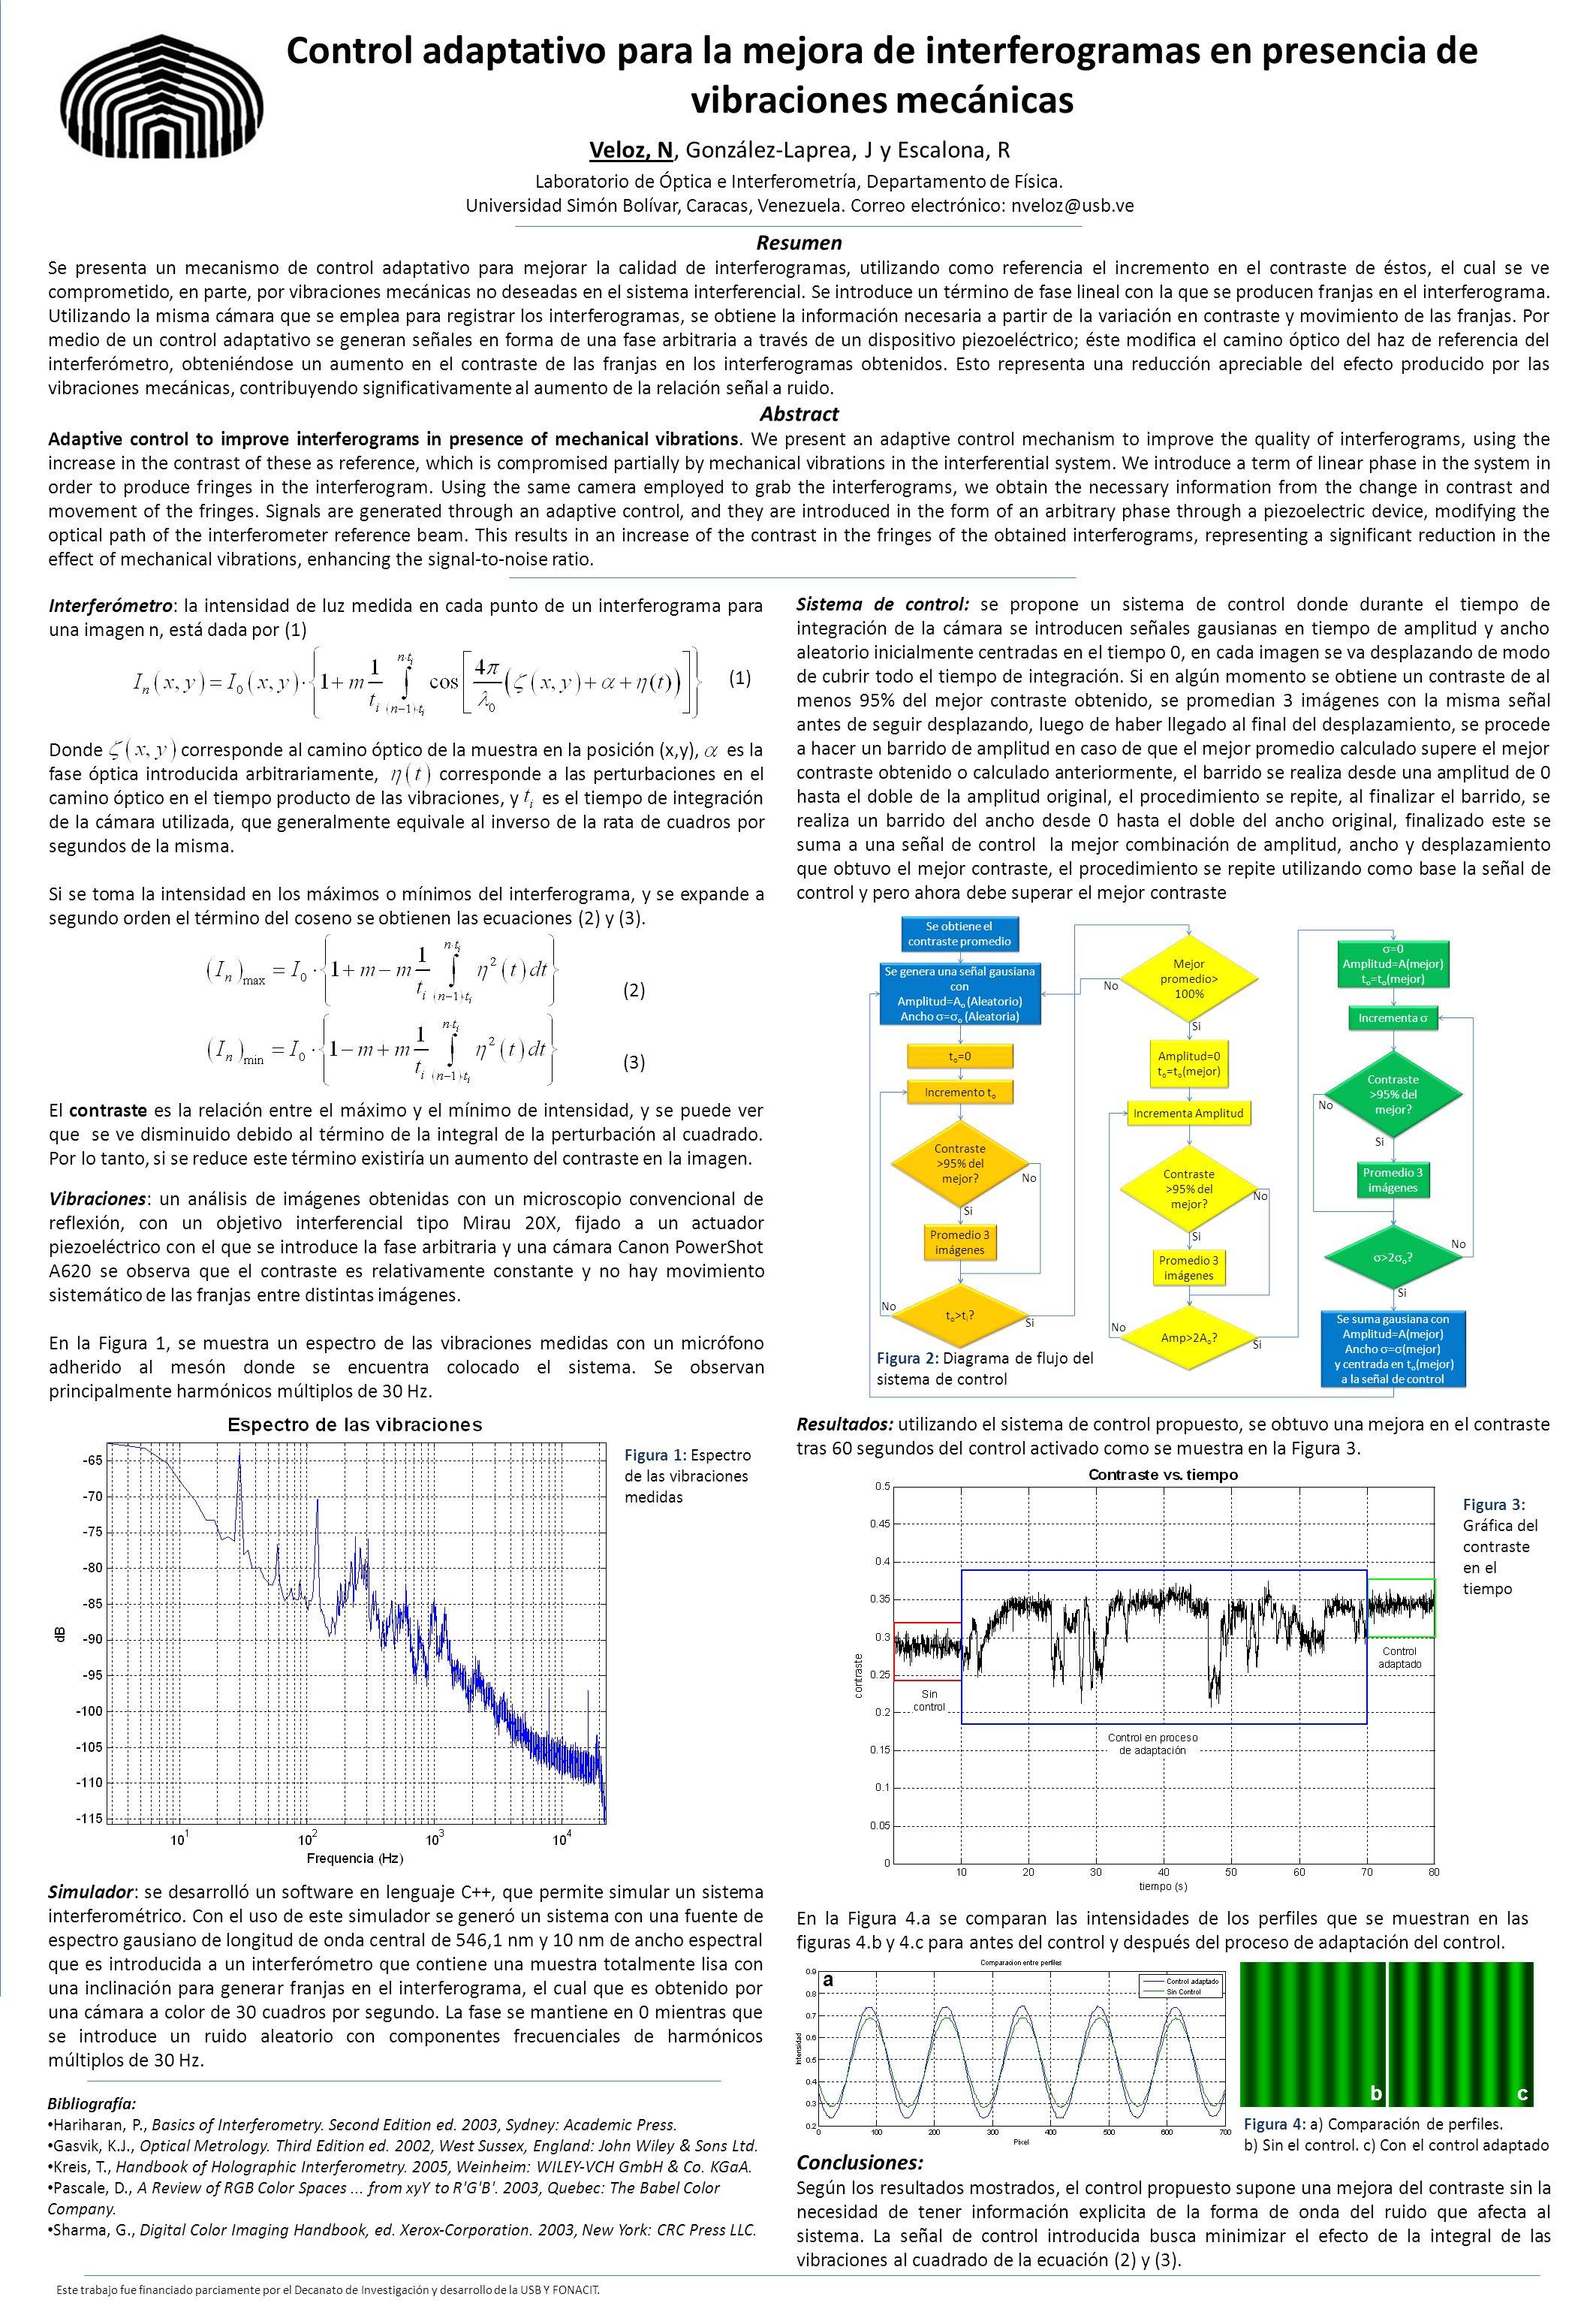 Control adaptativo para la mejora de interferogramas en presencia de vibraciones mecánicas Veloz, N, González-Laprea, J y Escalona, R Laboratorio de Óptica e Interferometría, Departamento de Física.